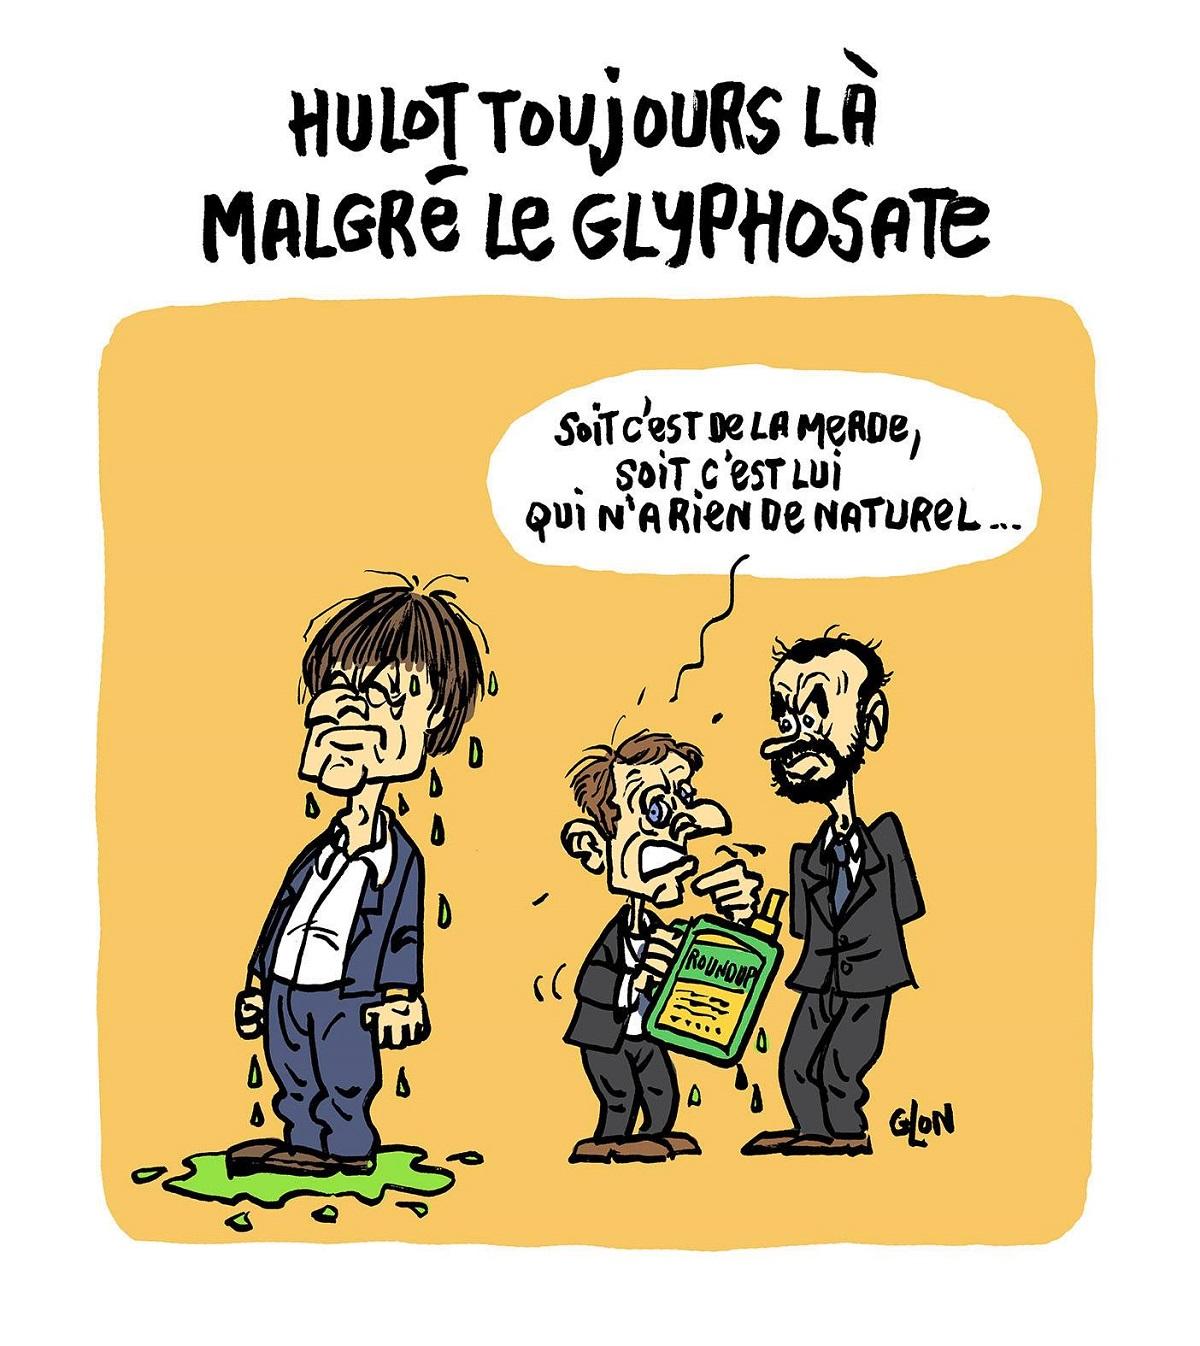 dessin d'actualité humoristique montrant Emmanuel Macron arrosant Nicolas Hulot de glyphosate et se plaignant à Édouard Philippe qu'il ne fonctionne pas